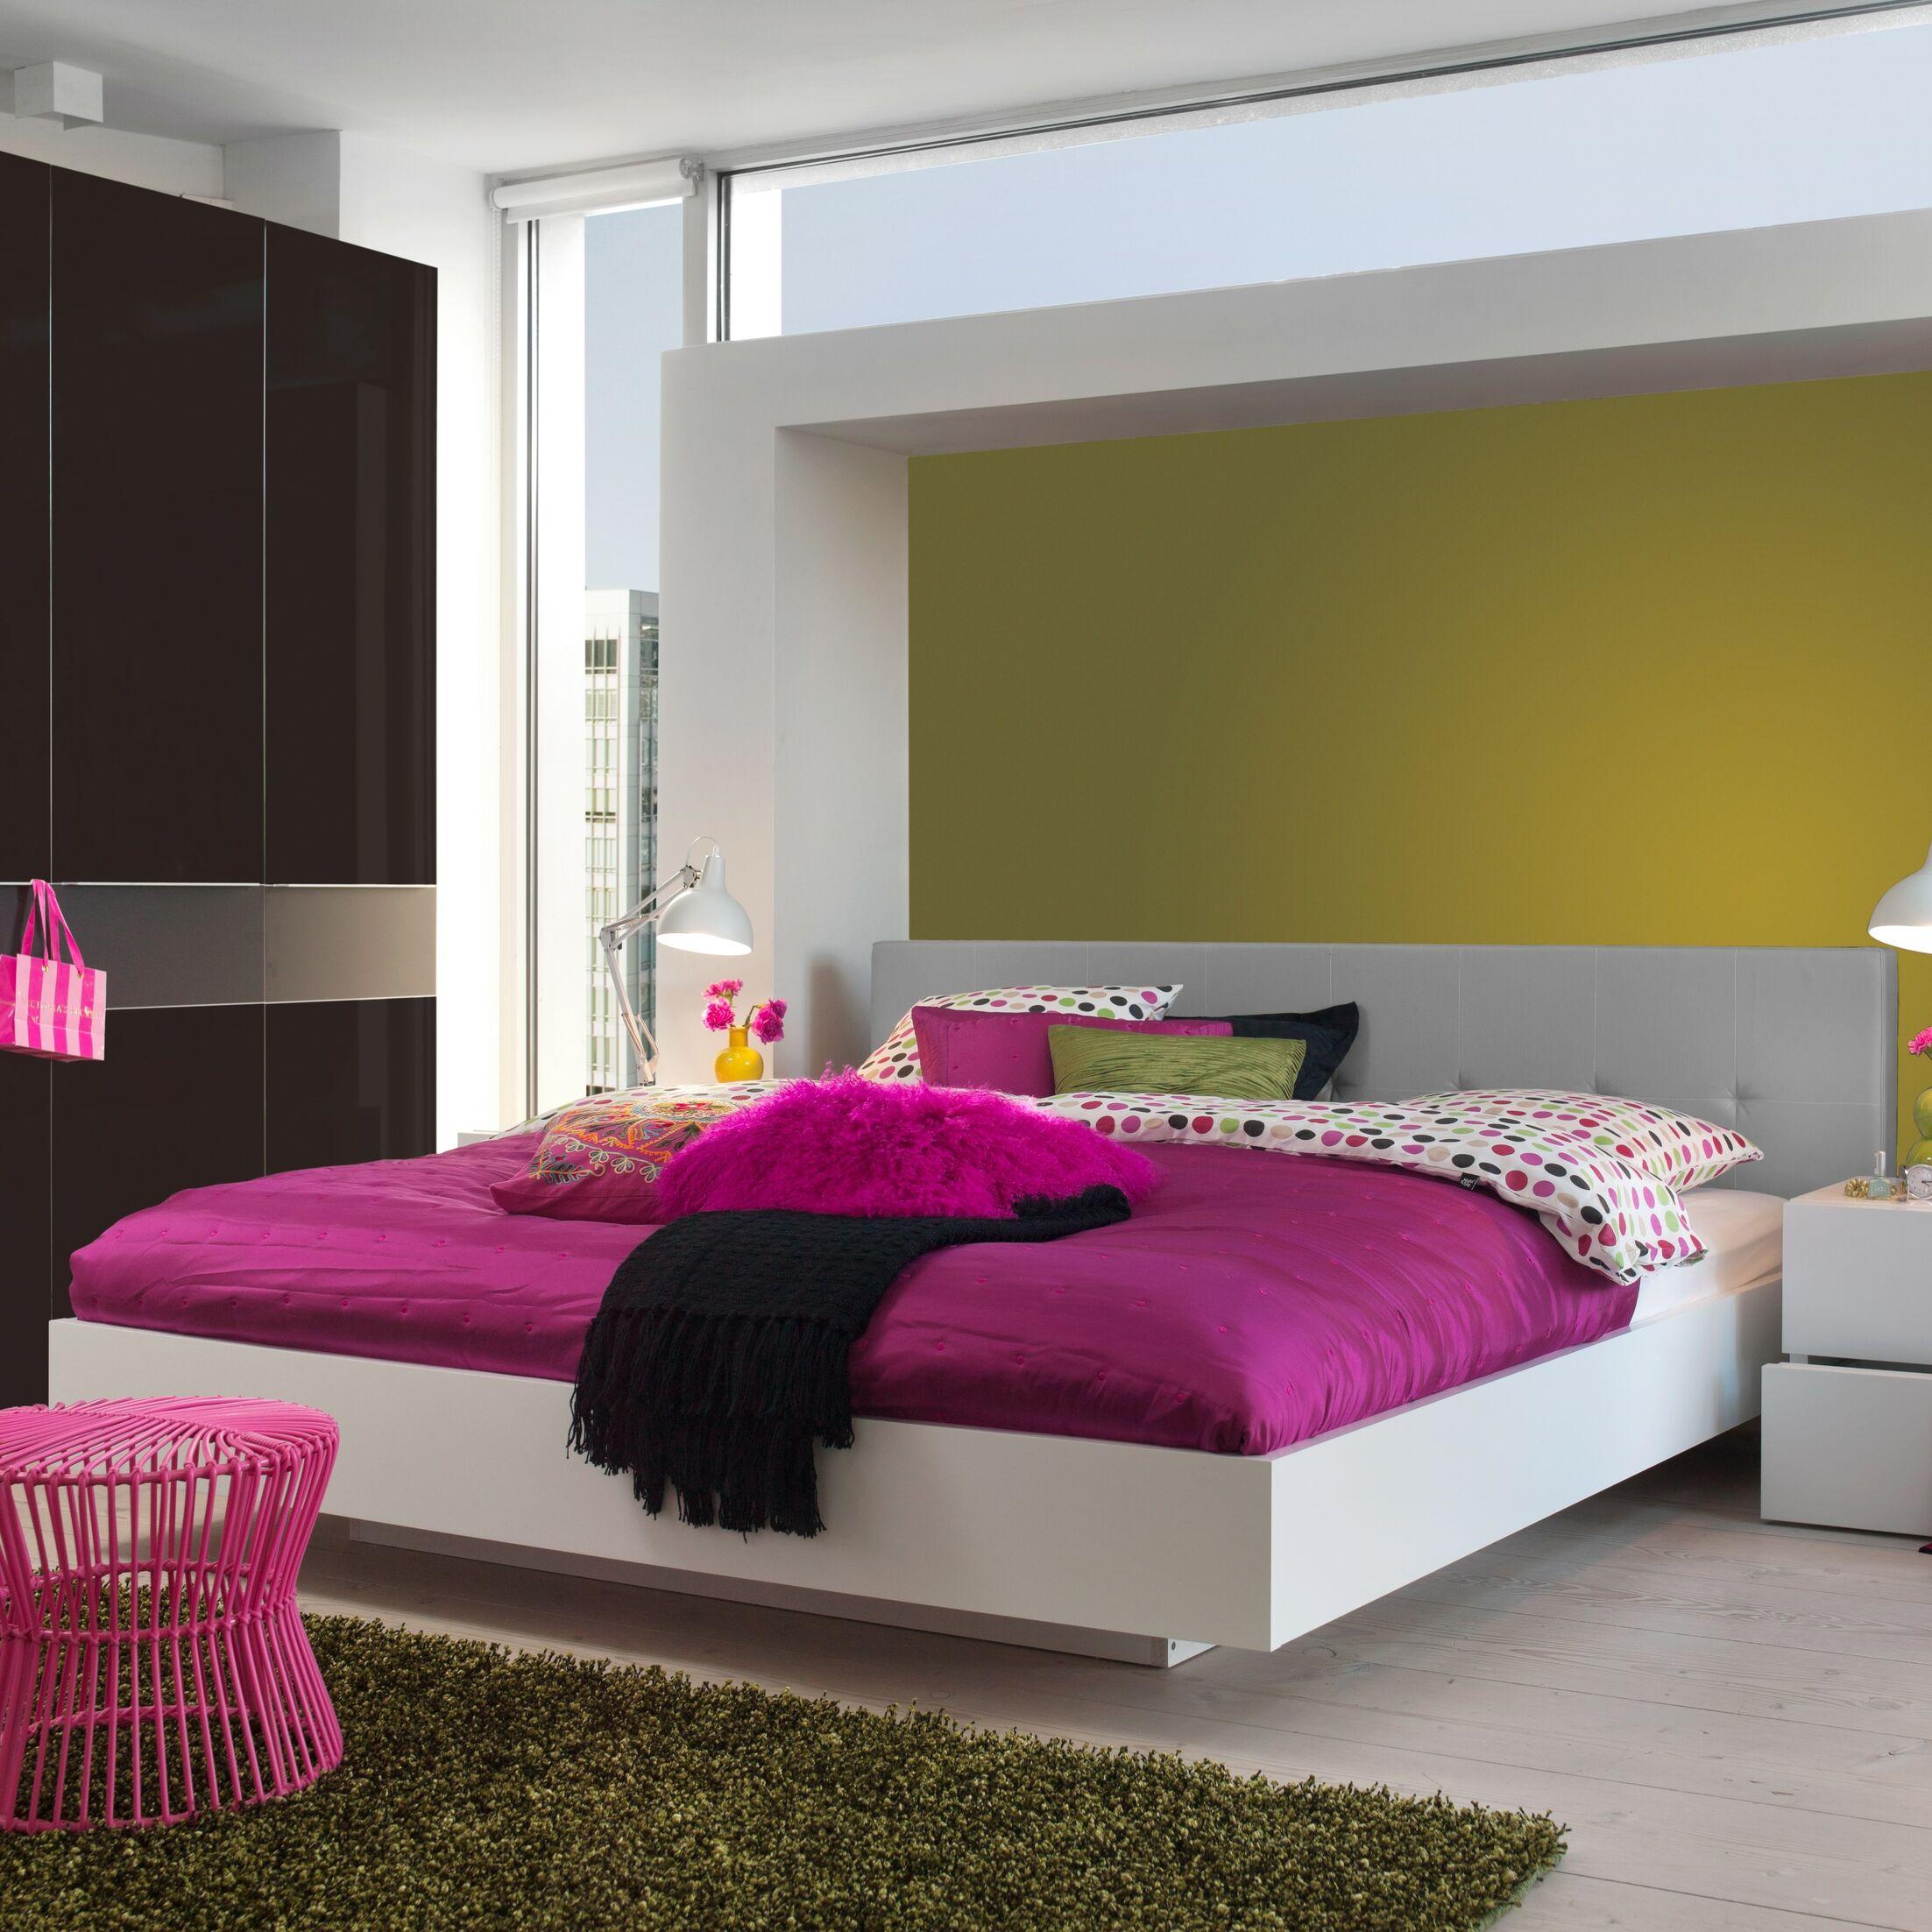 Horsham Upholstered Platform Bed Frame Color: Wenge, Headboard Color: White, Size: King